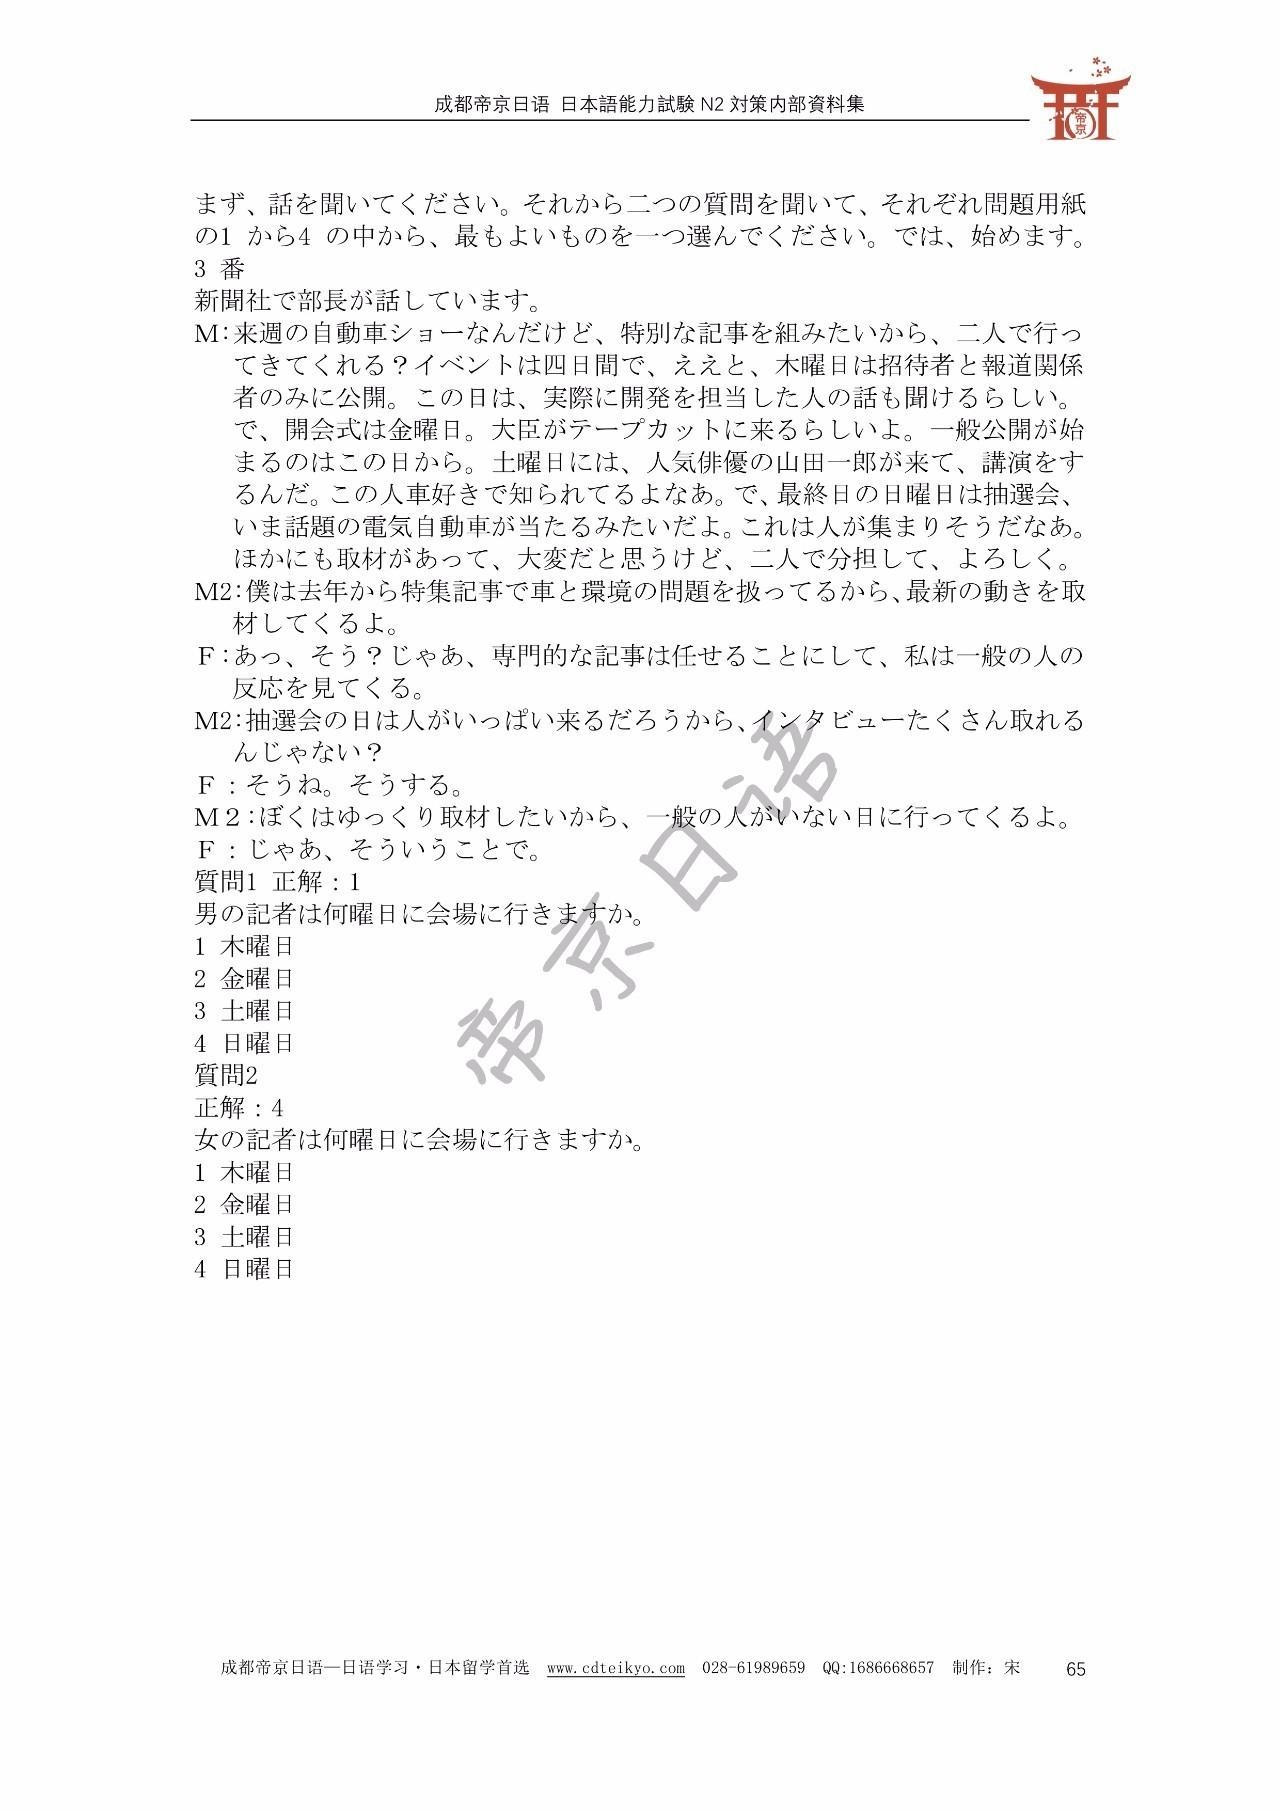 专四听力原文_word文档在线阅读与下载_无忧文档